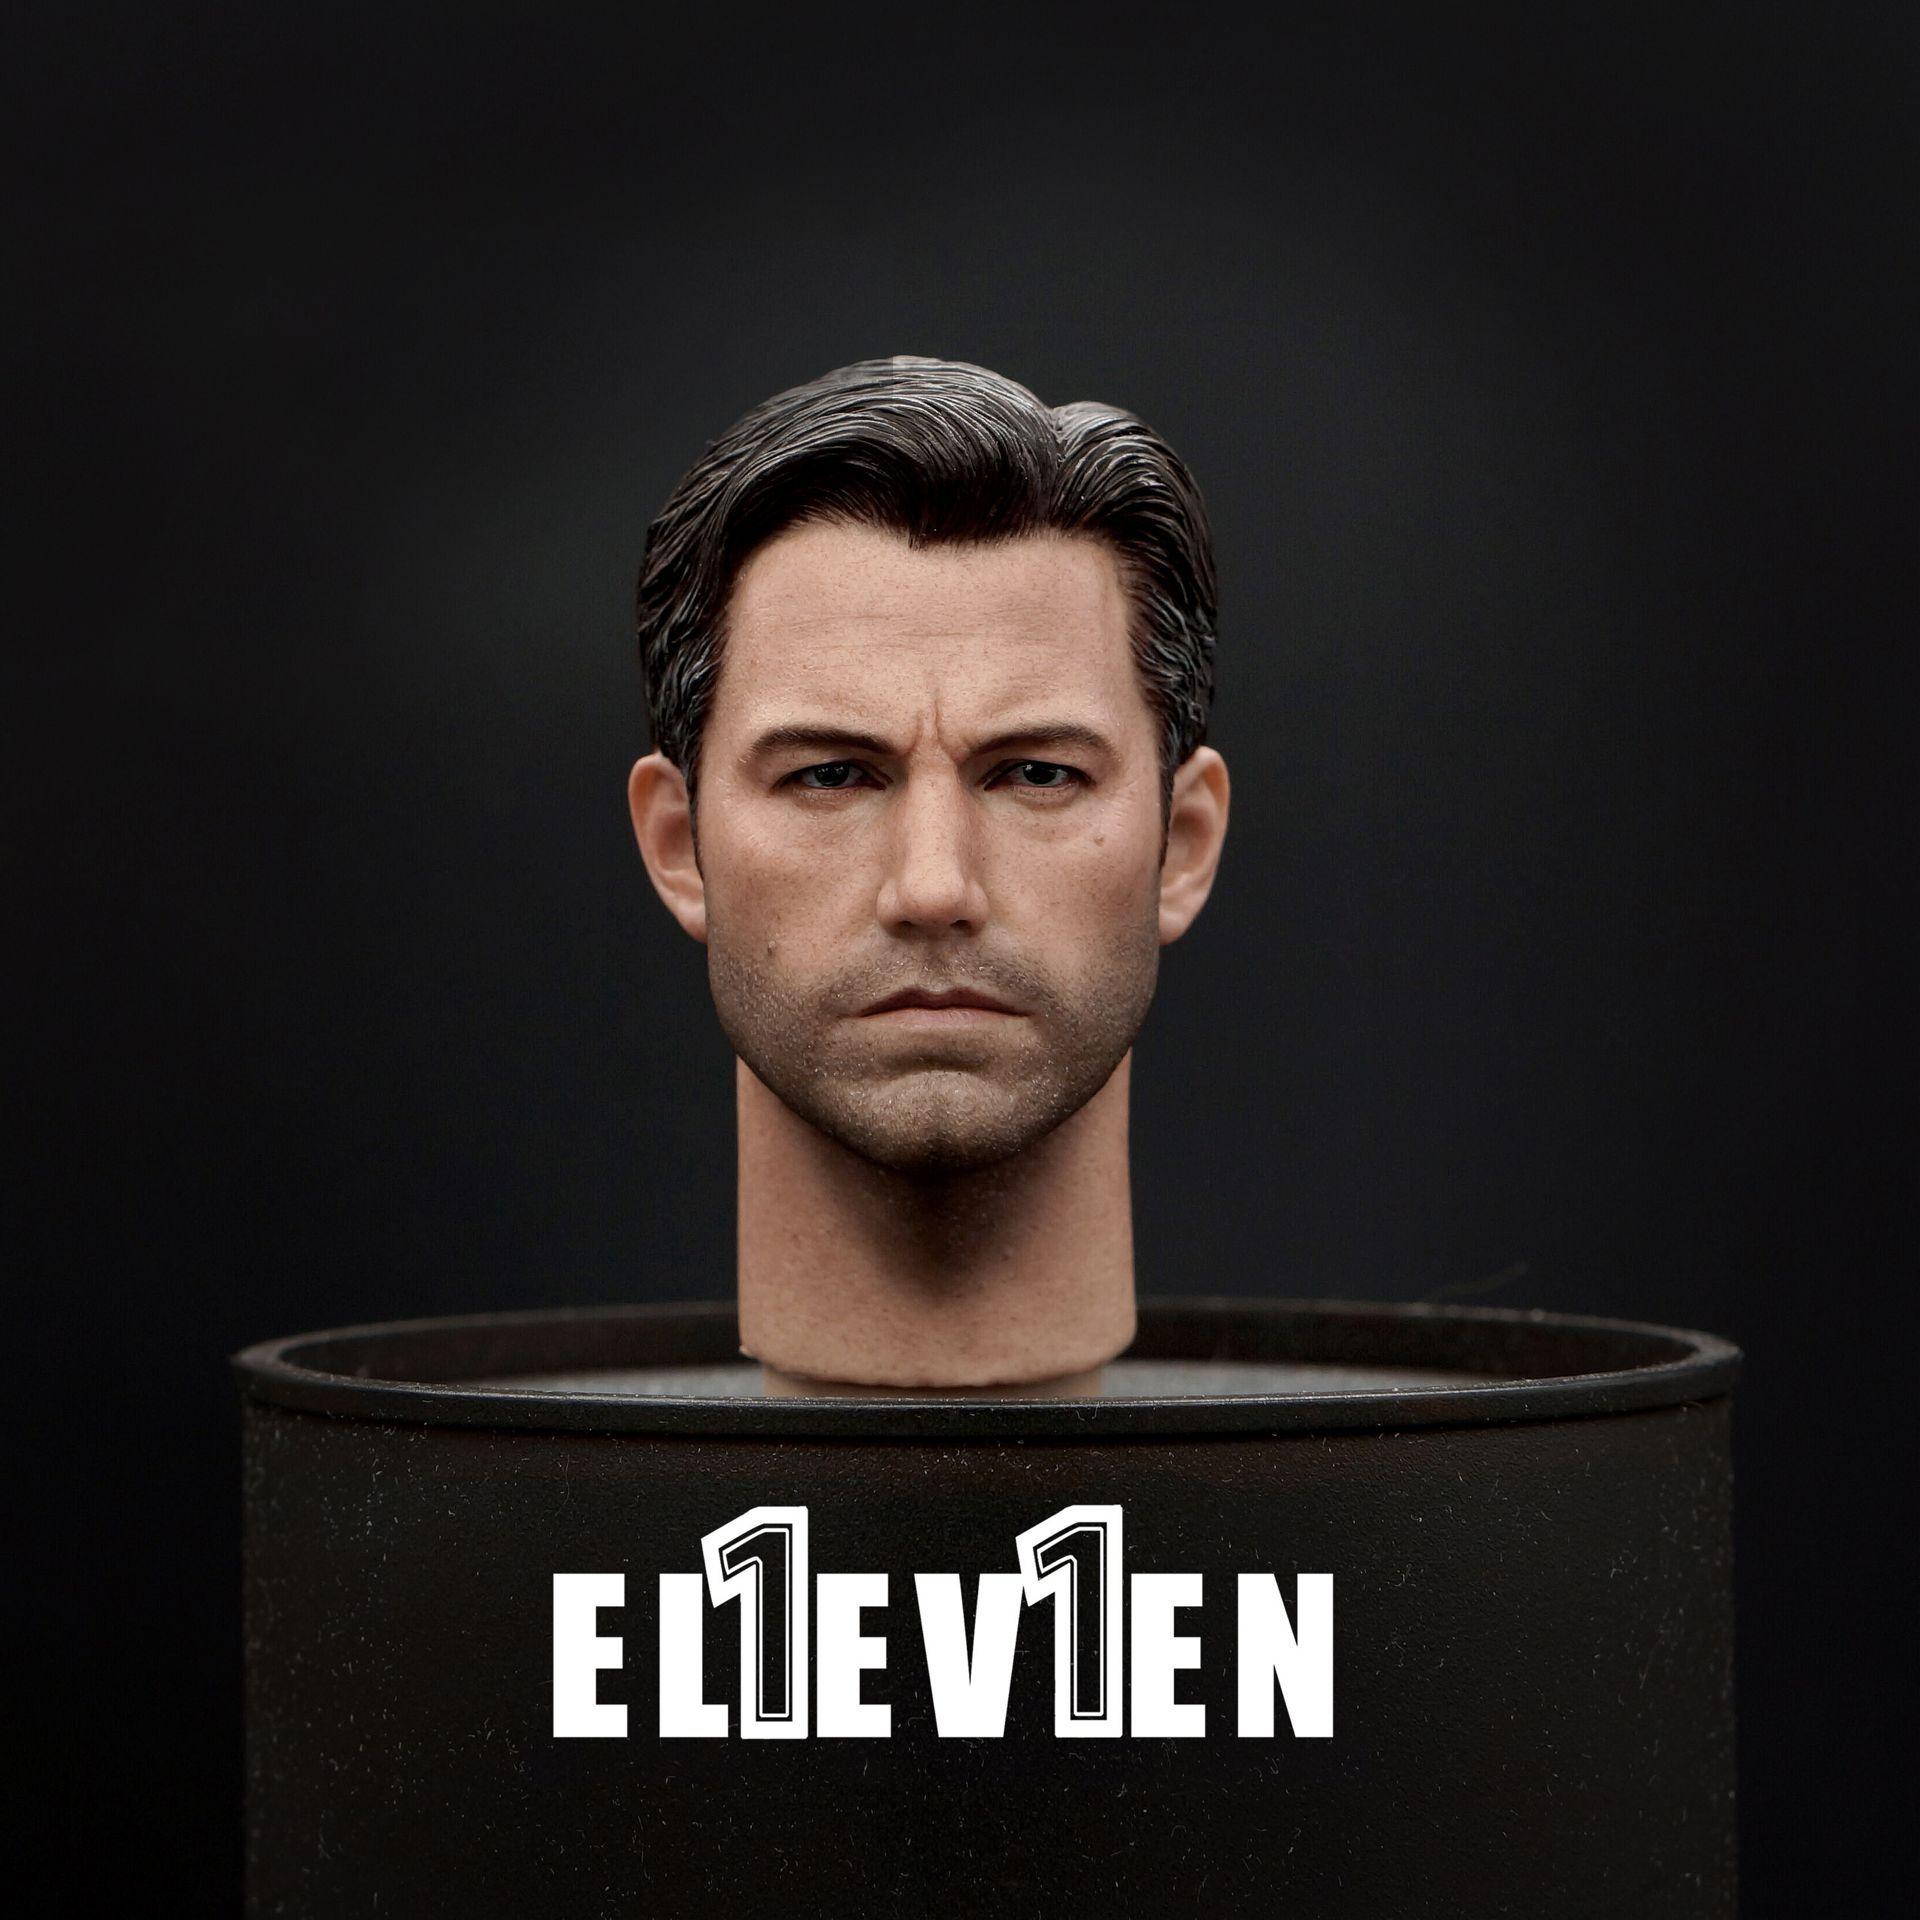 Eleven ES-004 Superman Set